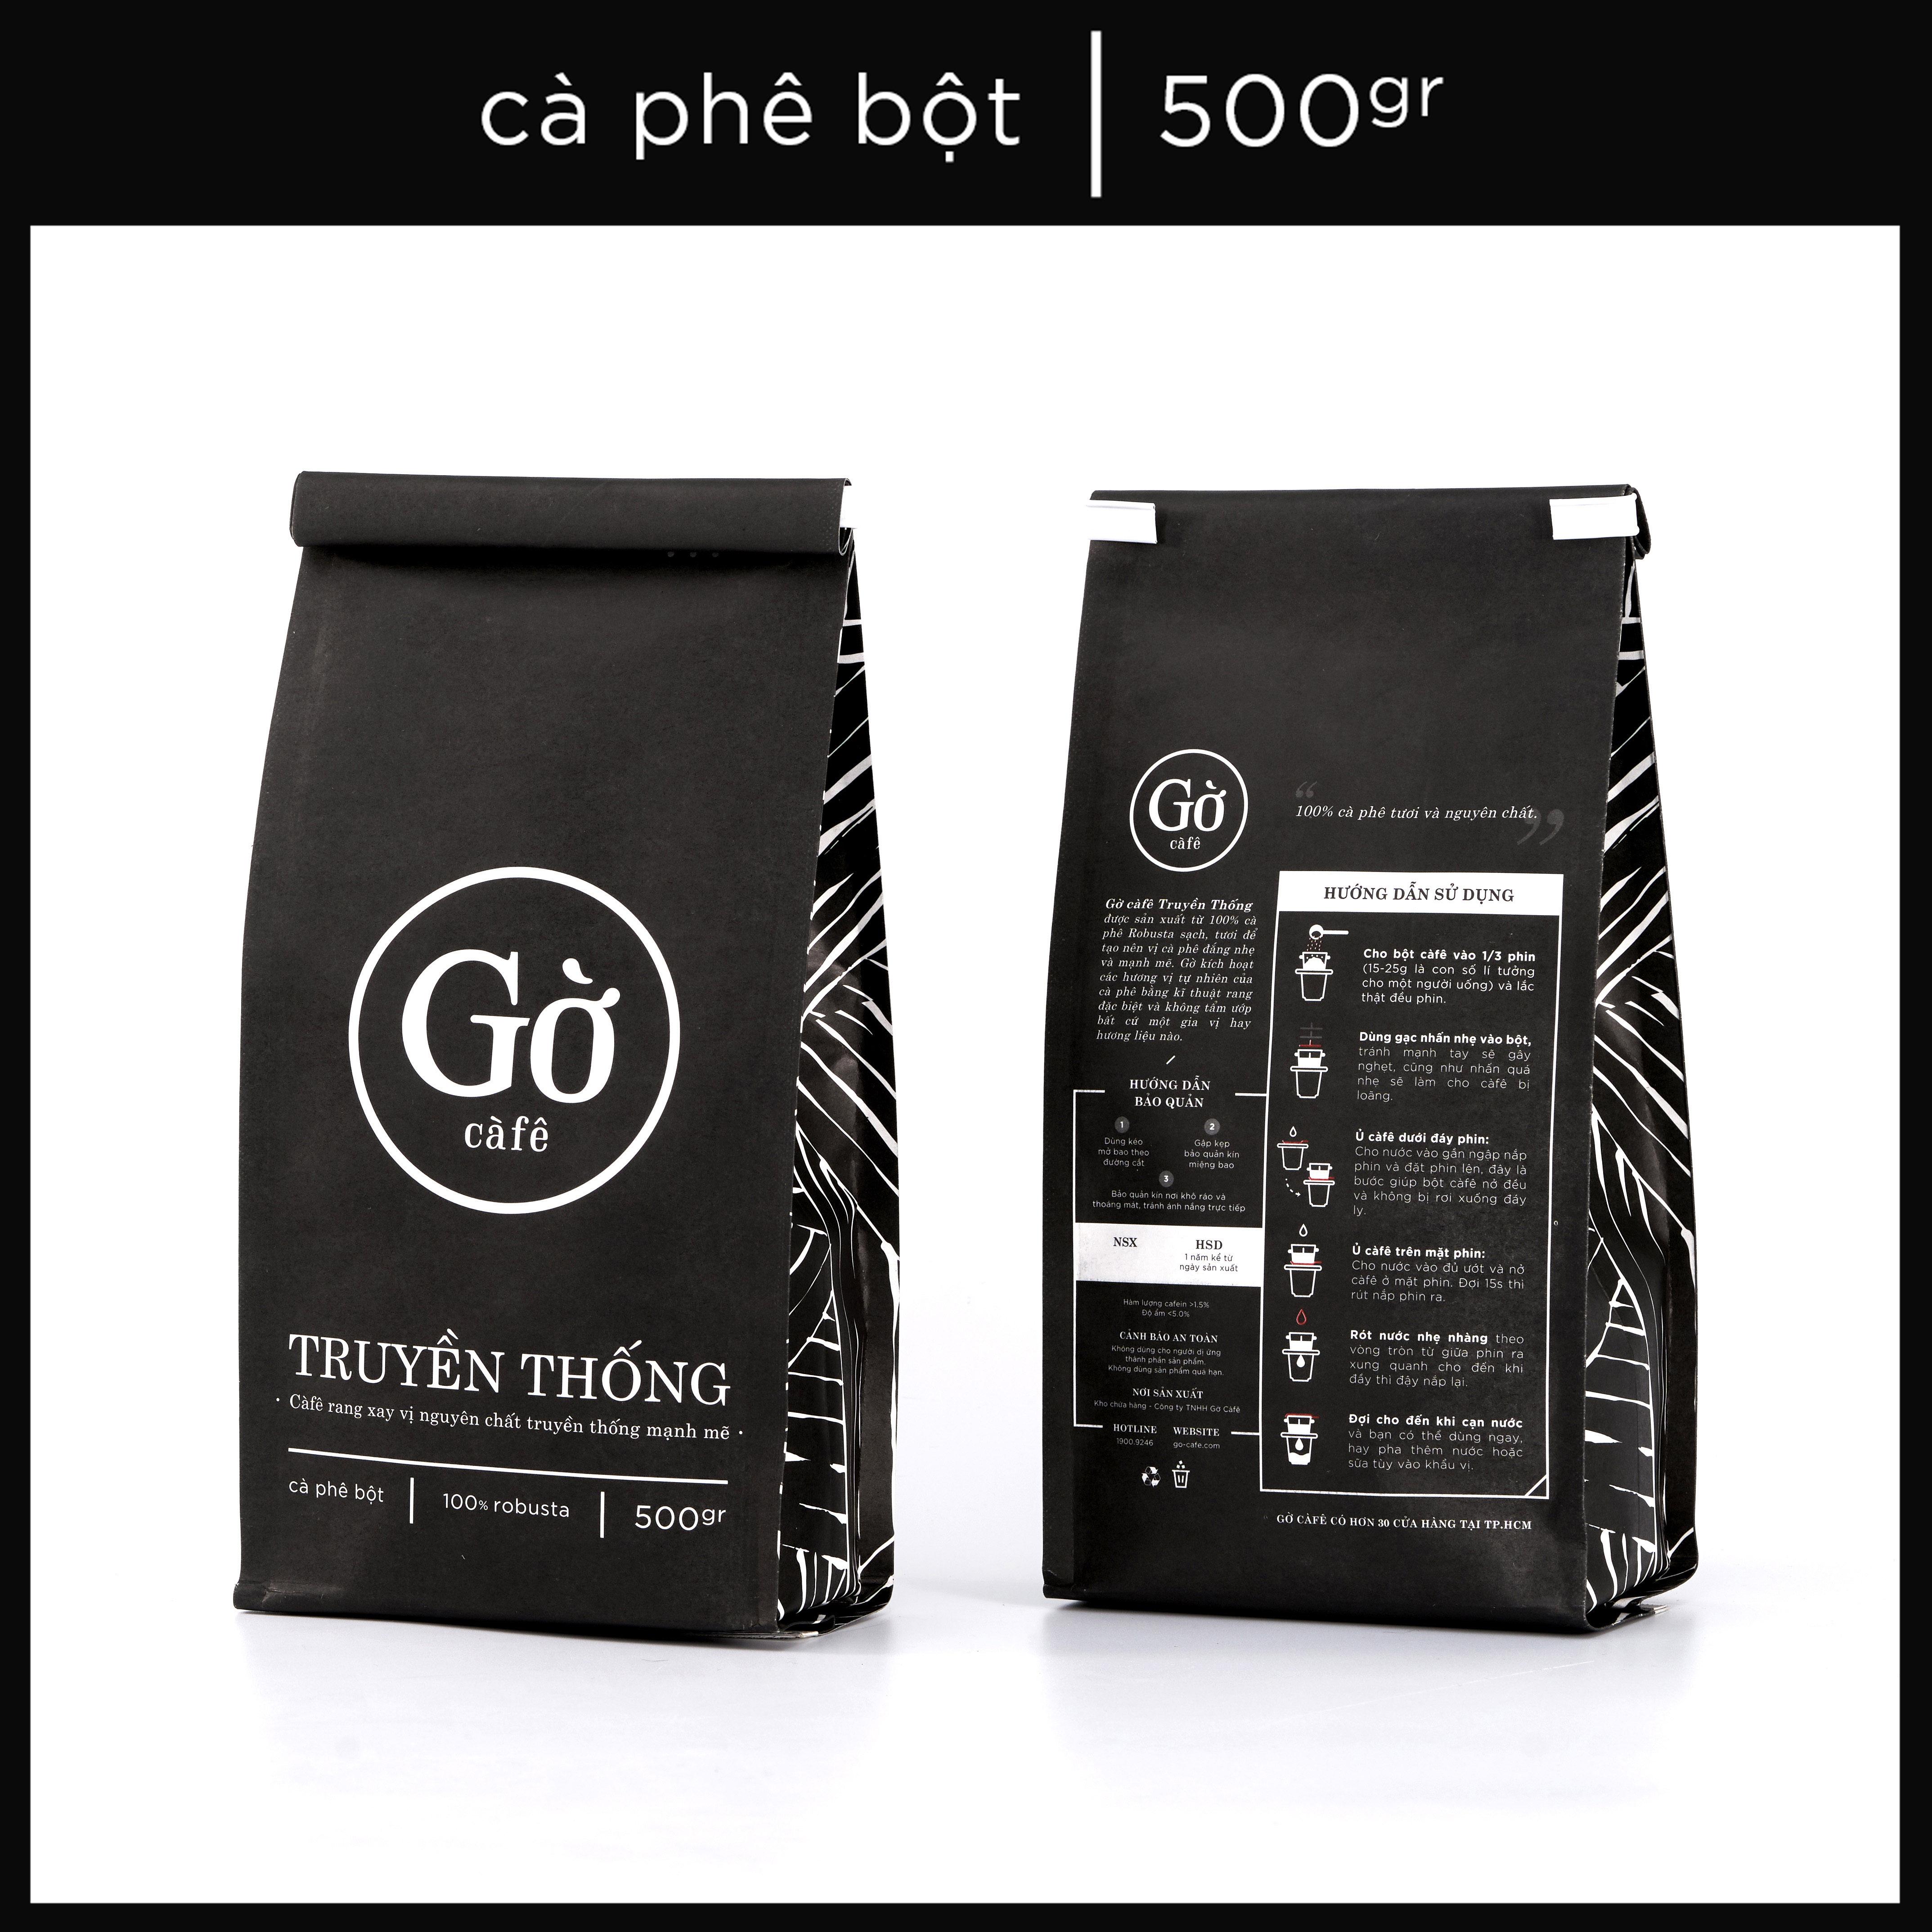 500GR- Gu TRUYỀN THỐNG (đậm đà) - Cà phê bột rang xay nguyên chất 100% Robusta - Gờ cafe